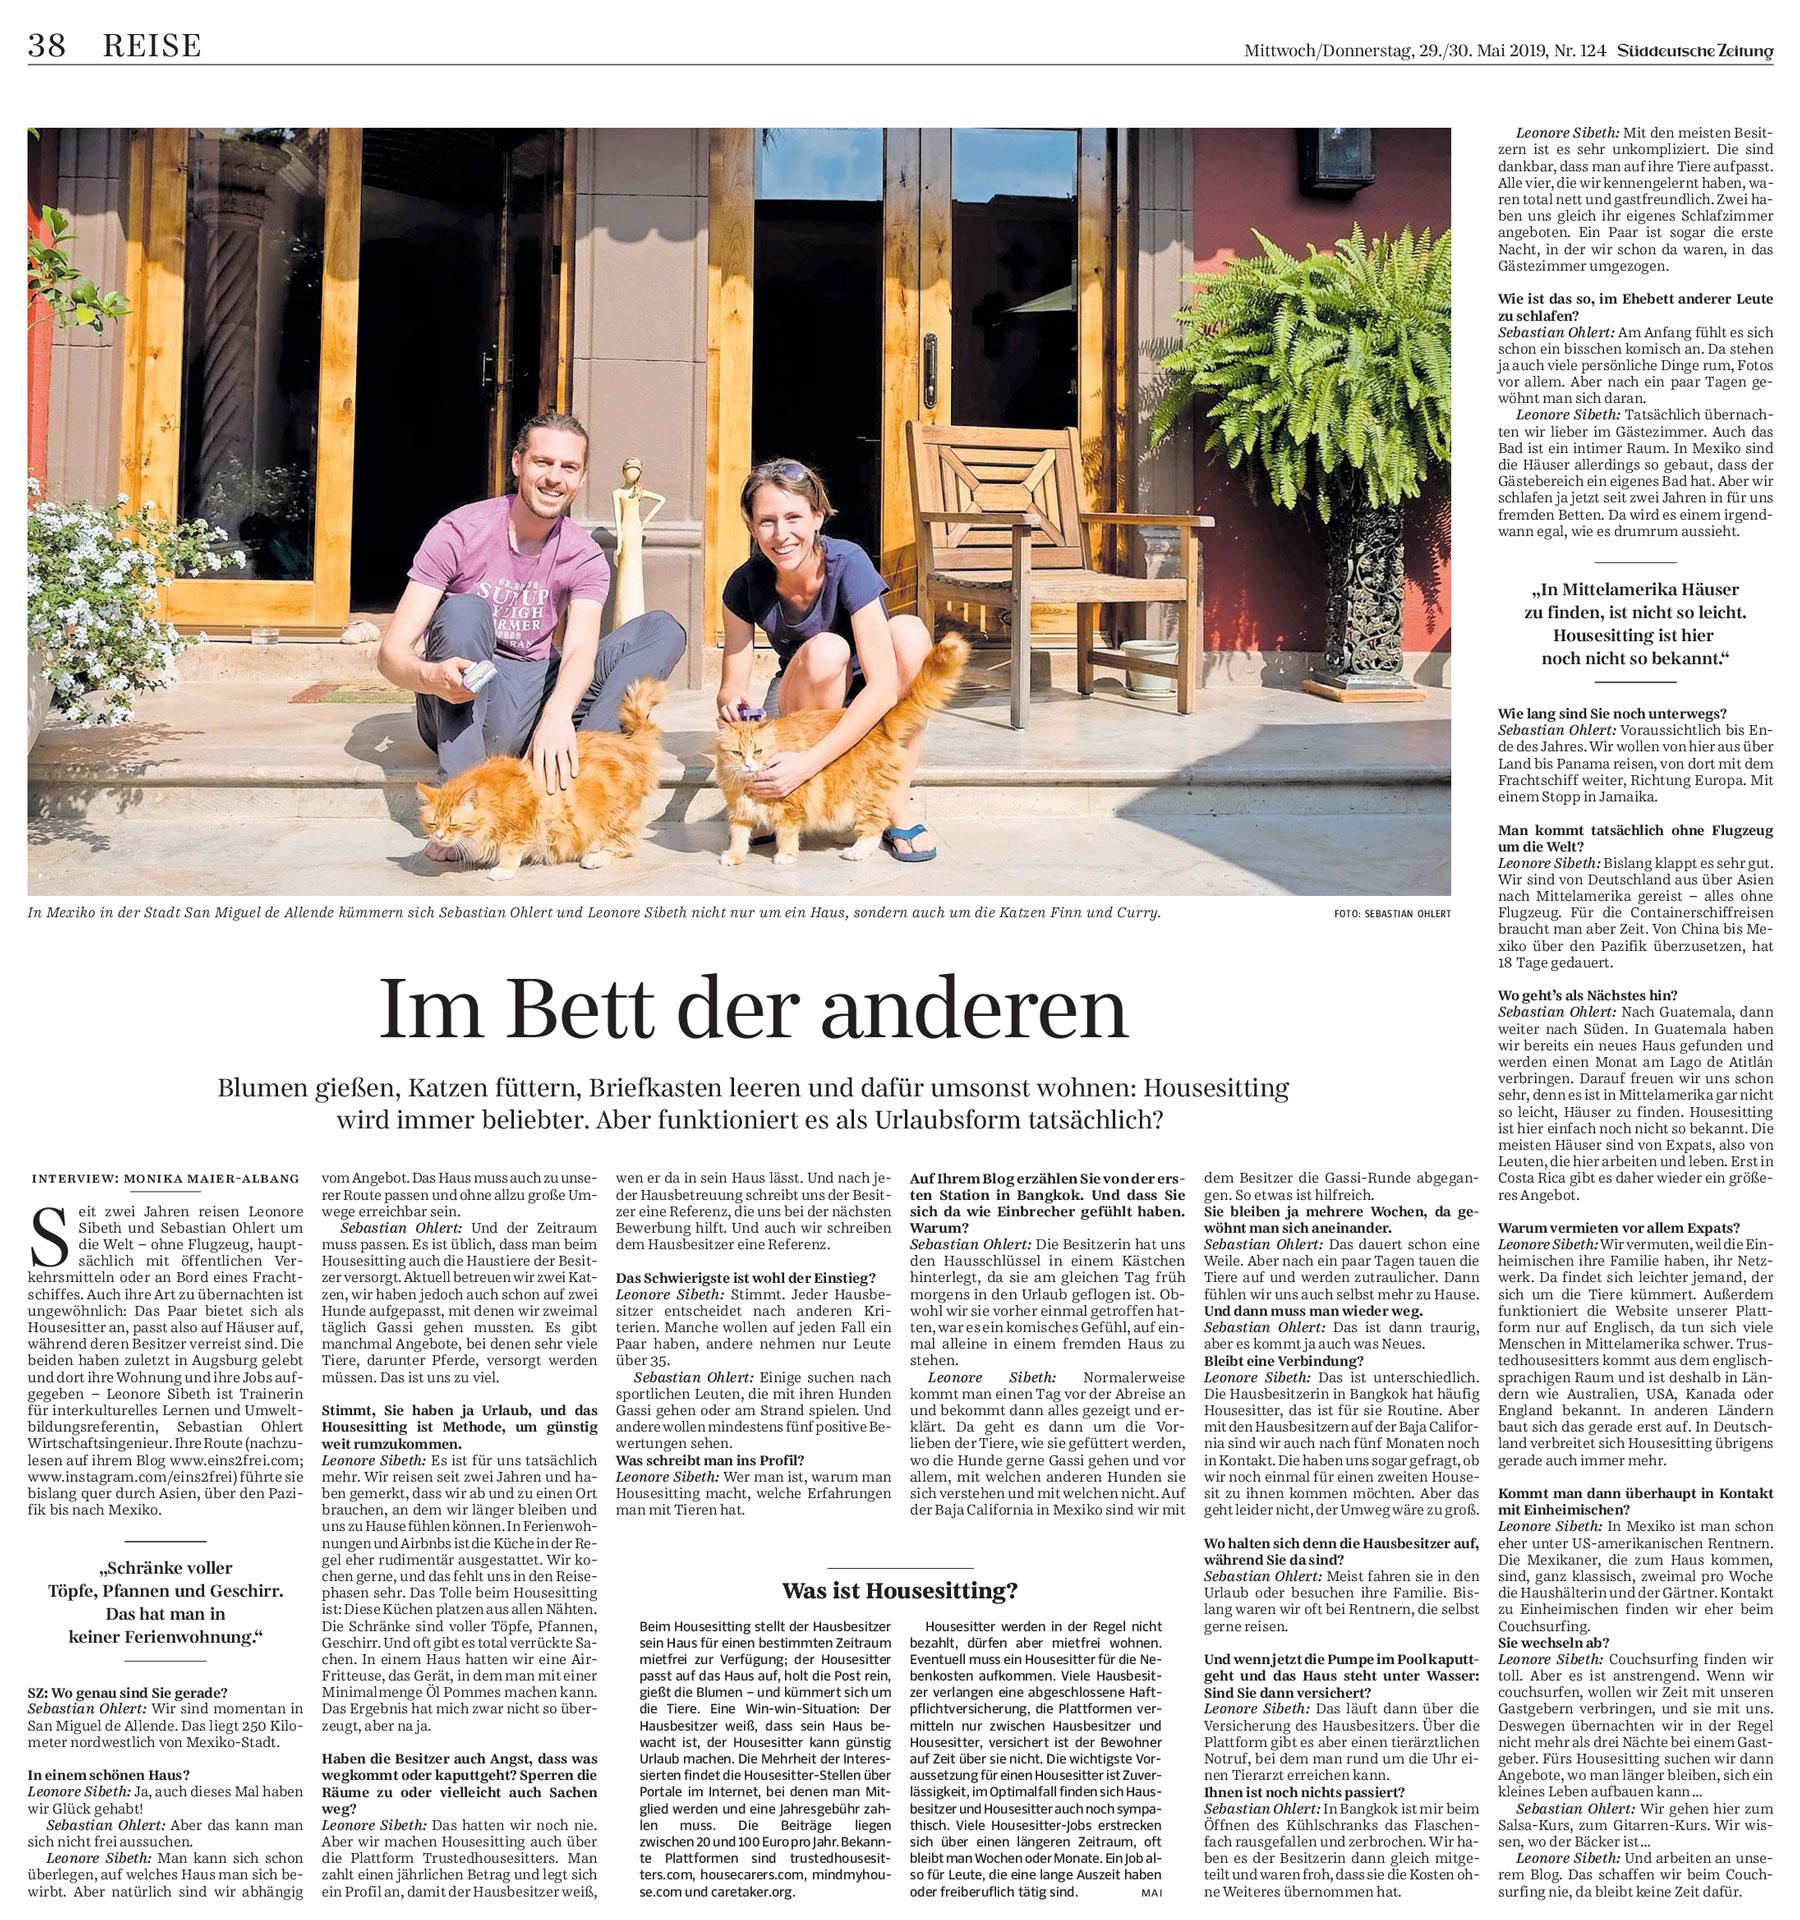 In der Süddeutschen Zeitung erscheint ein Interview mit Leo und Sebastian über House Sitting.